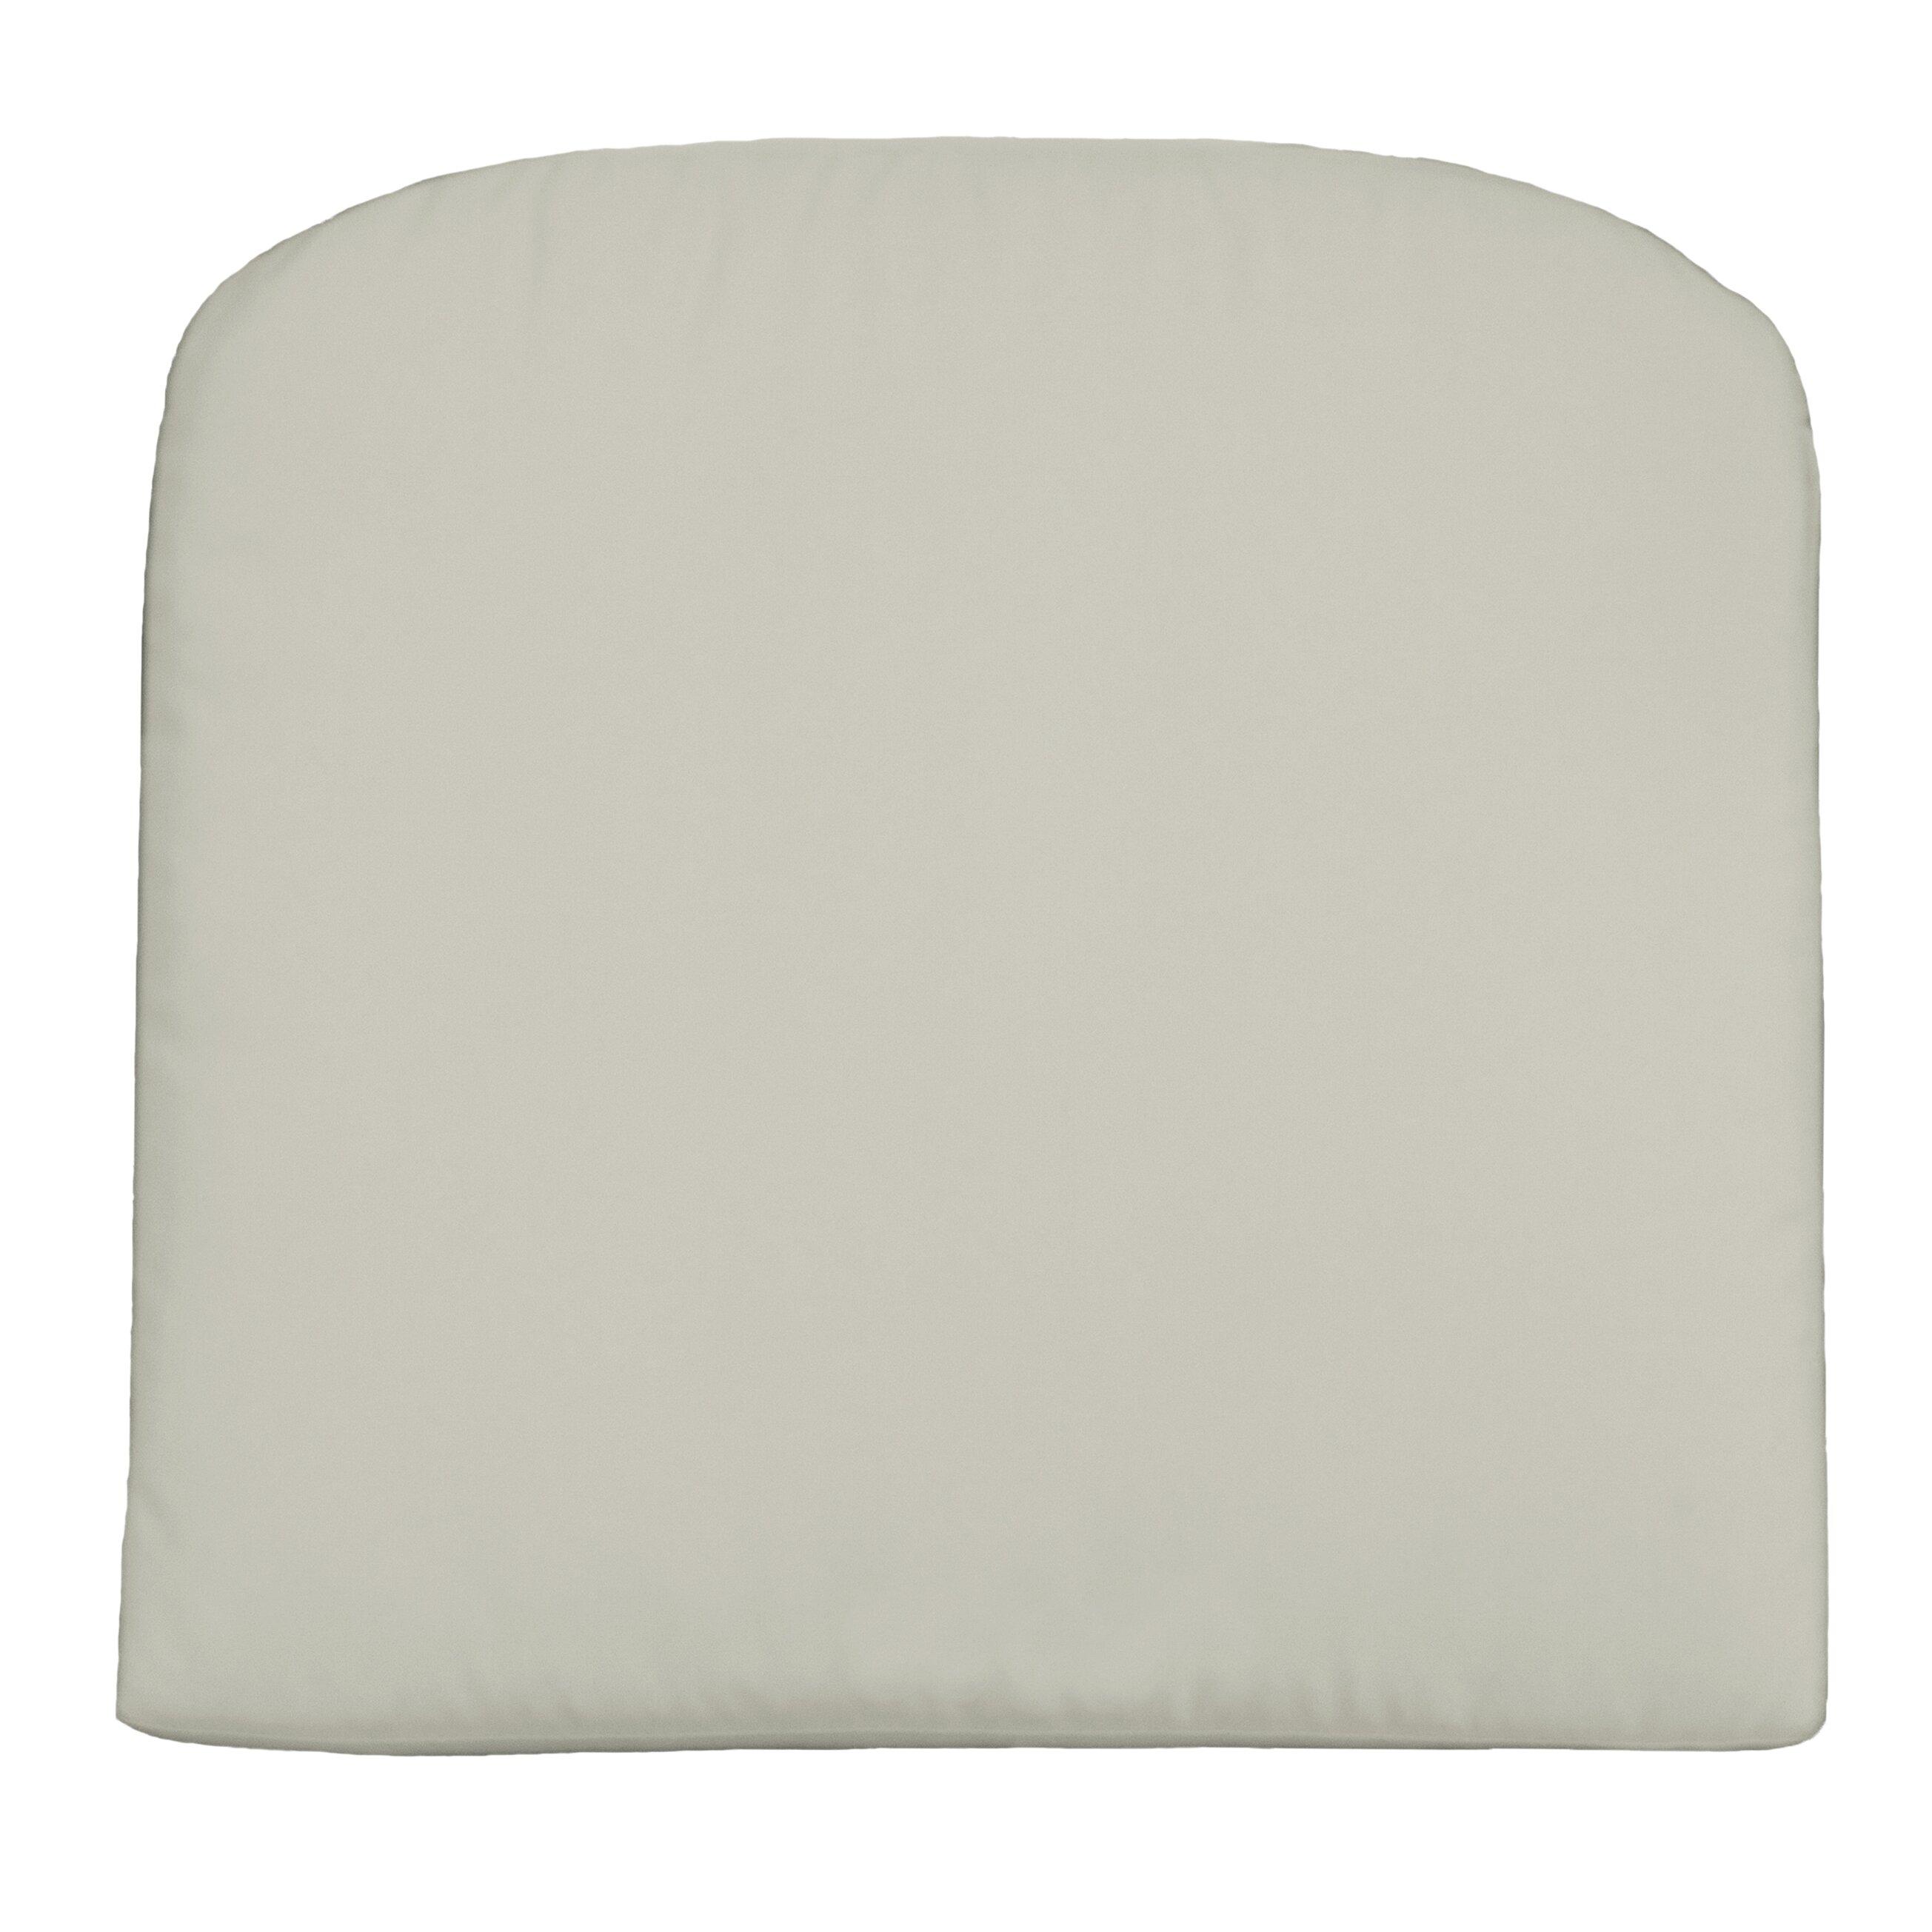 Wayfair Custom Outdoor Cushions Outdoor Sunbrella Knife